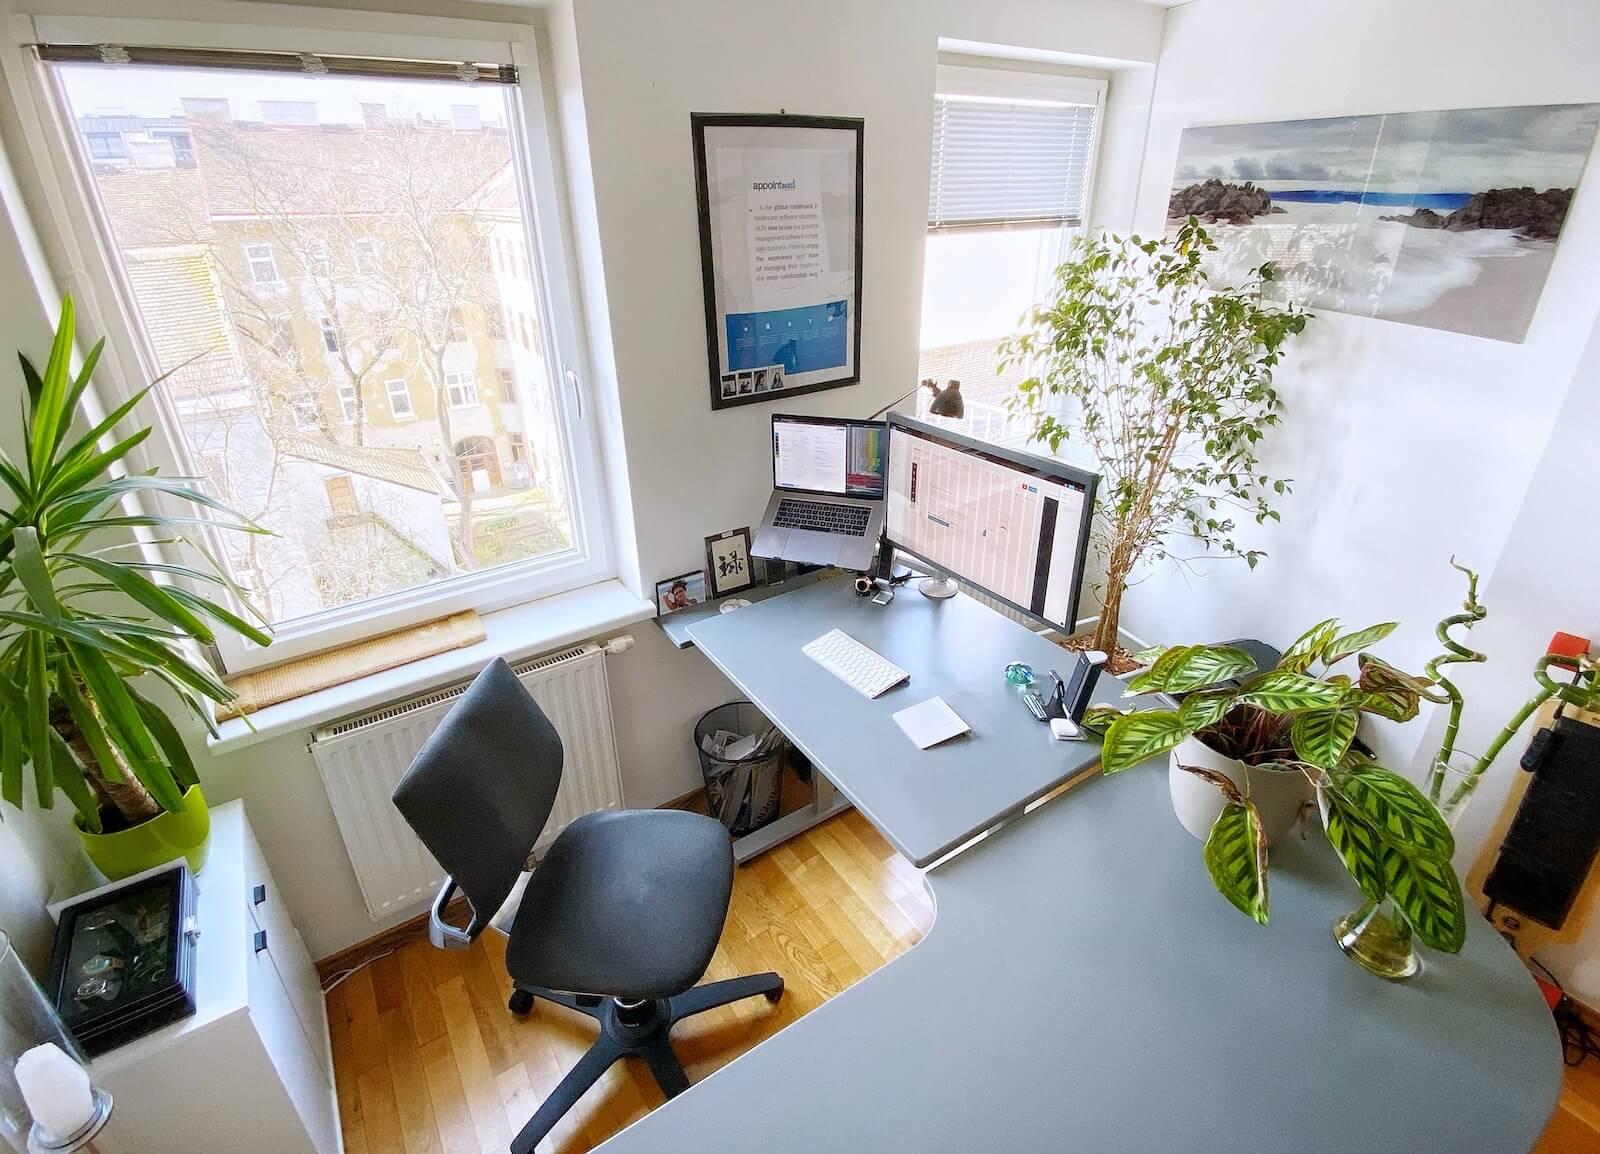 The saismo office